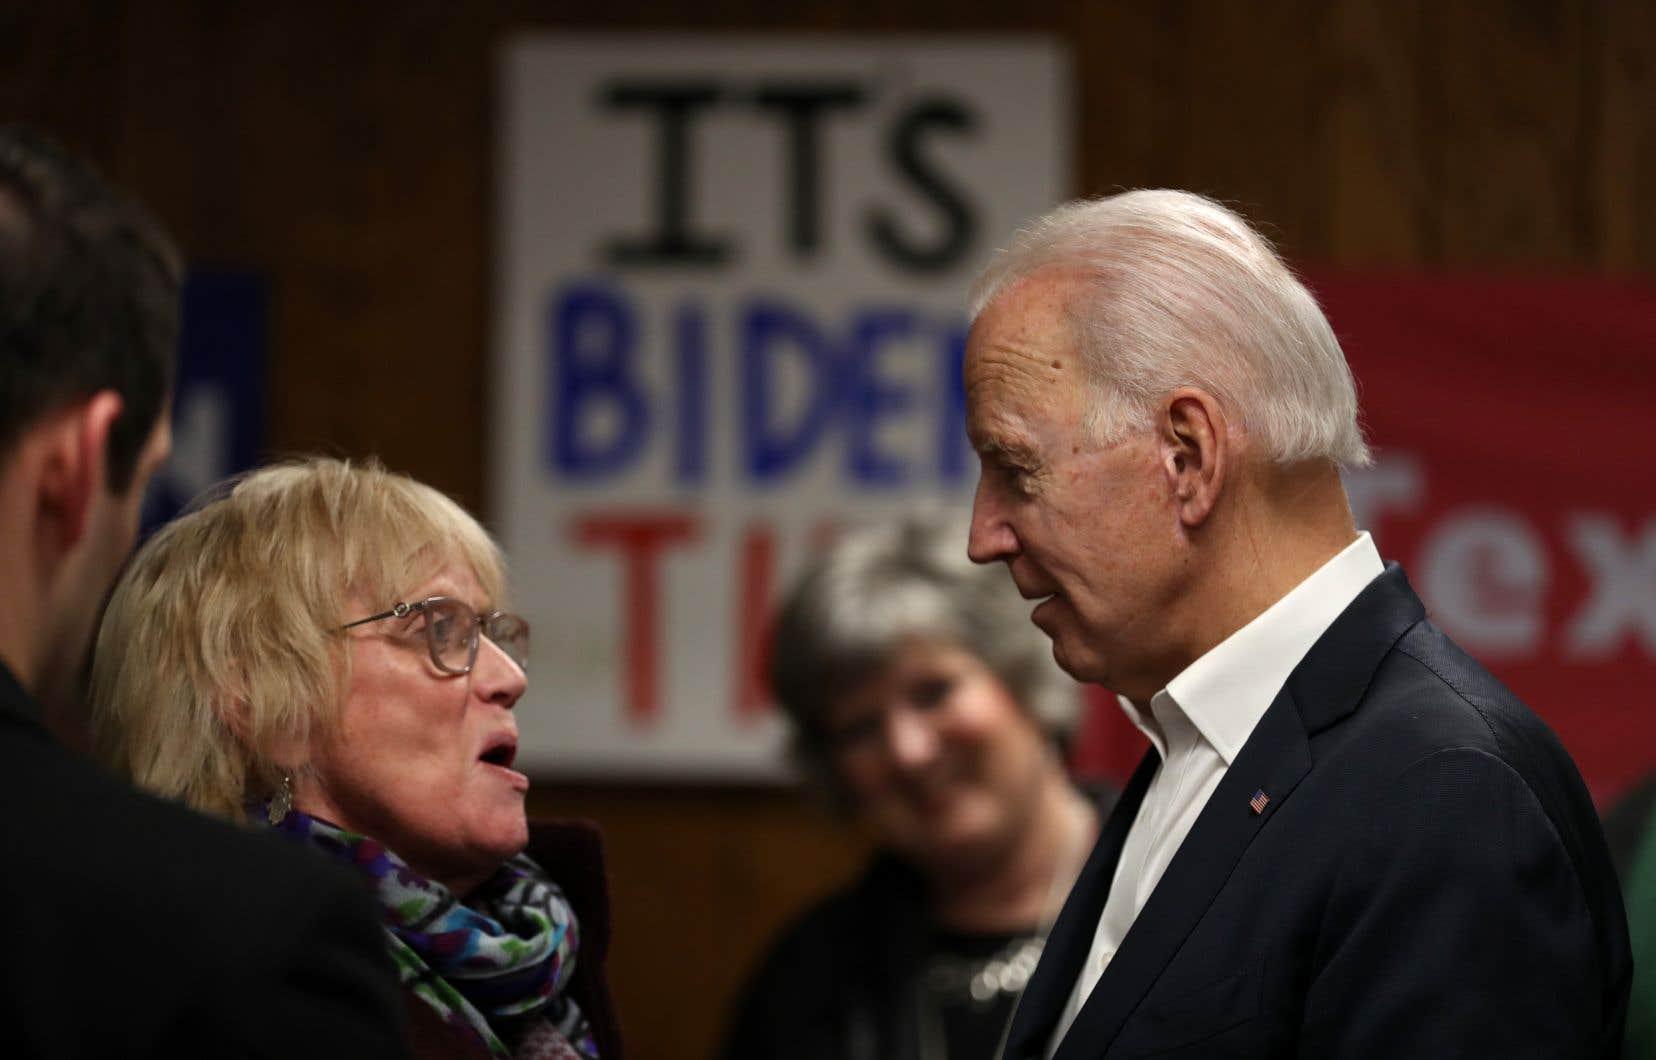 Joe Biden arrive en tête dans les sondages au niveau national, devant Bernie Sanders et Elizabeth Warren.